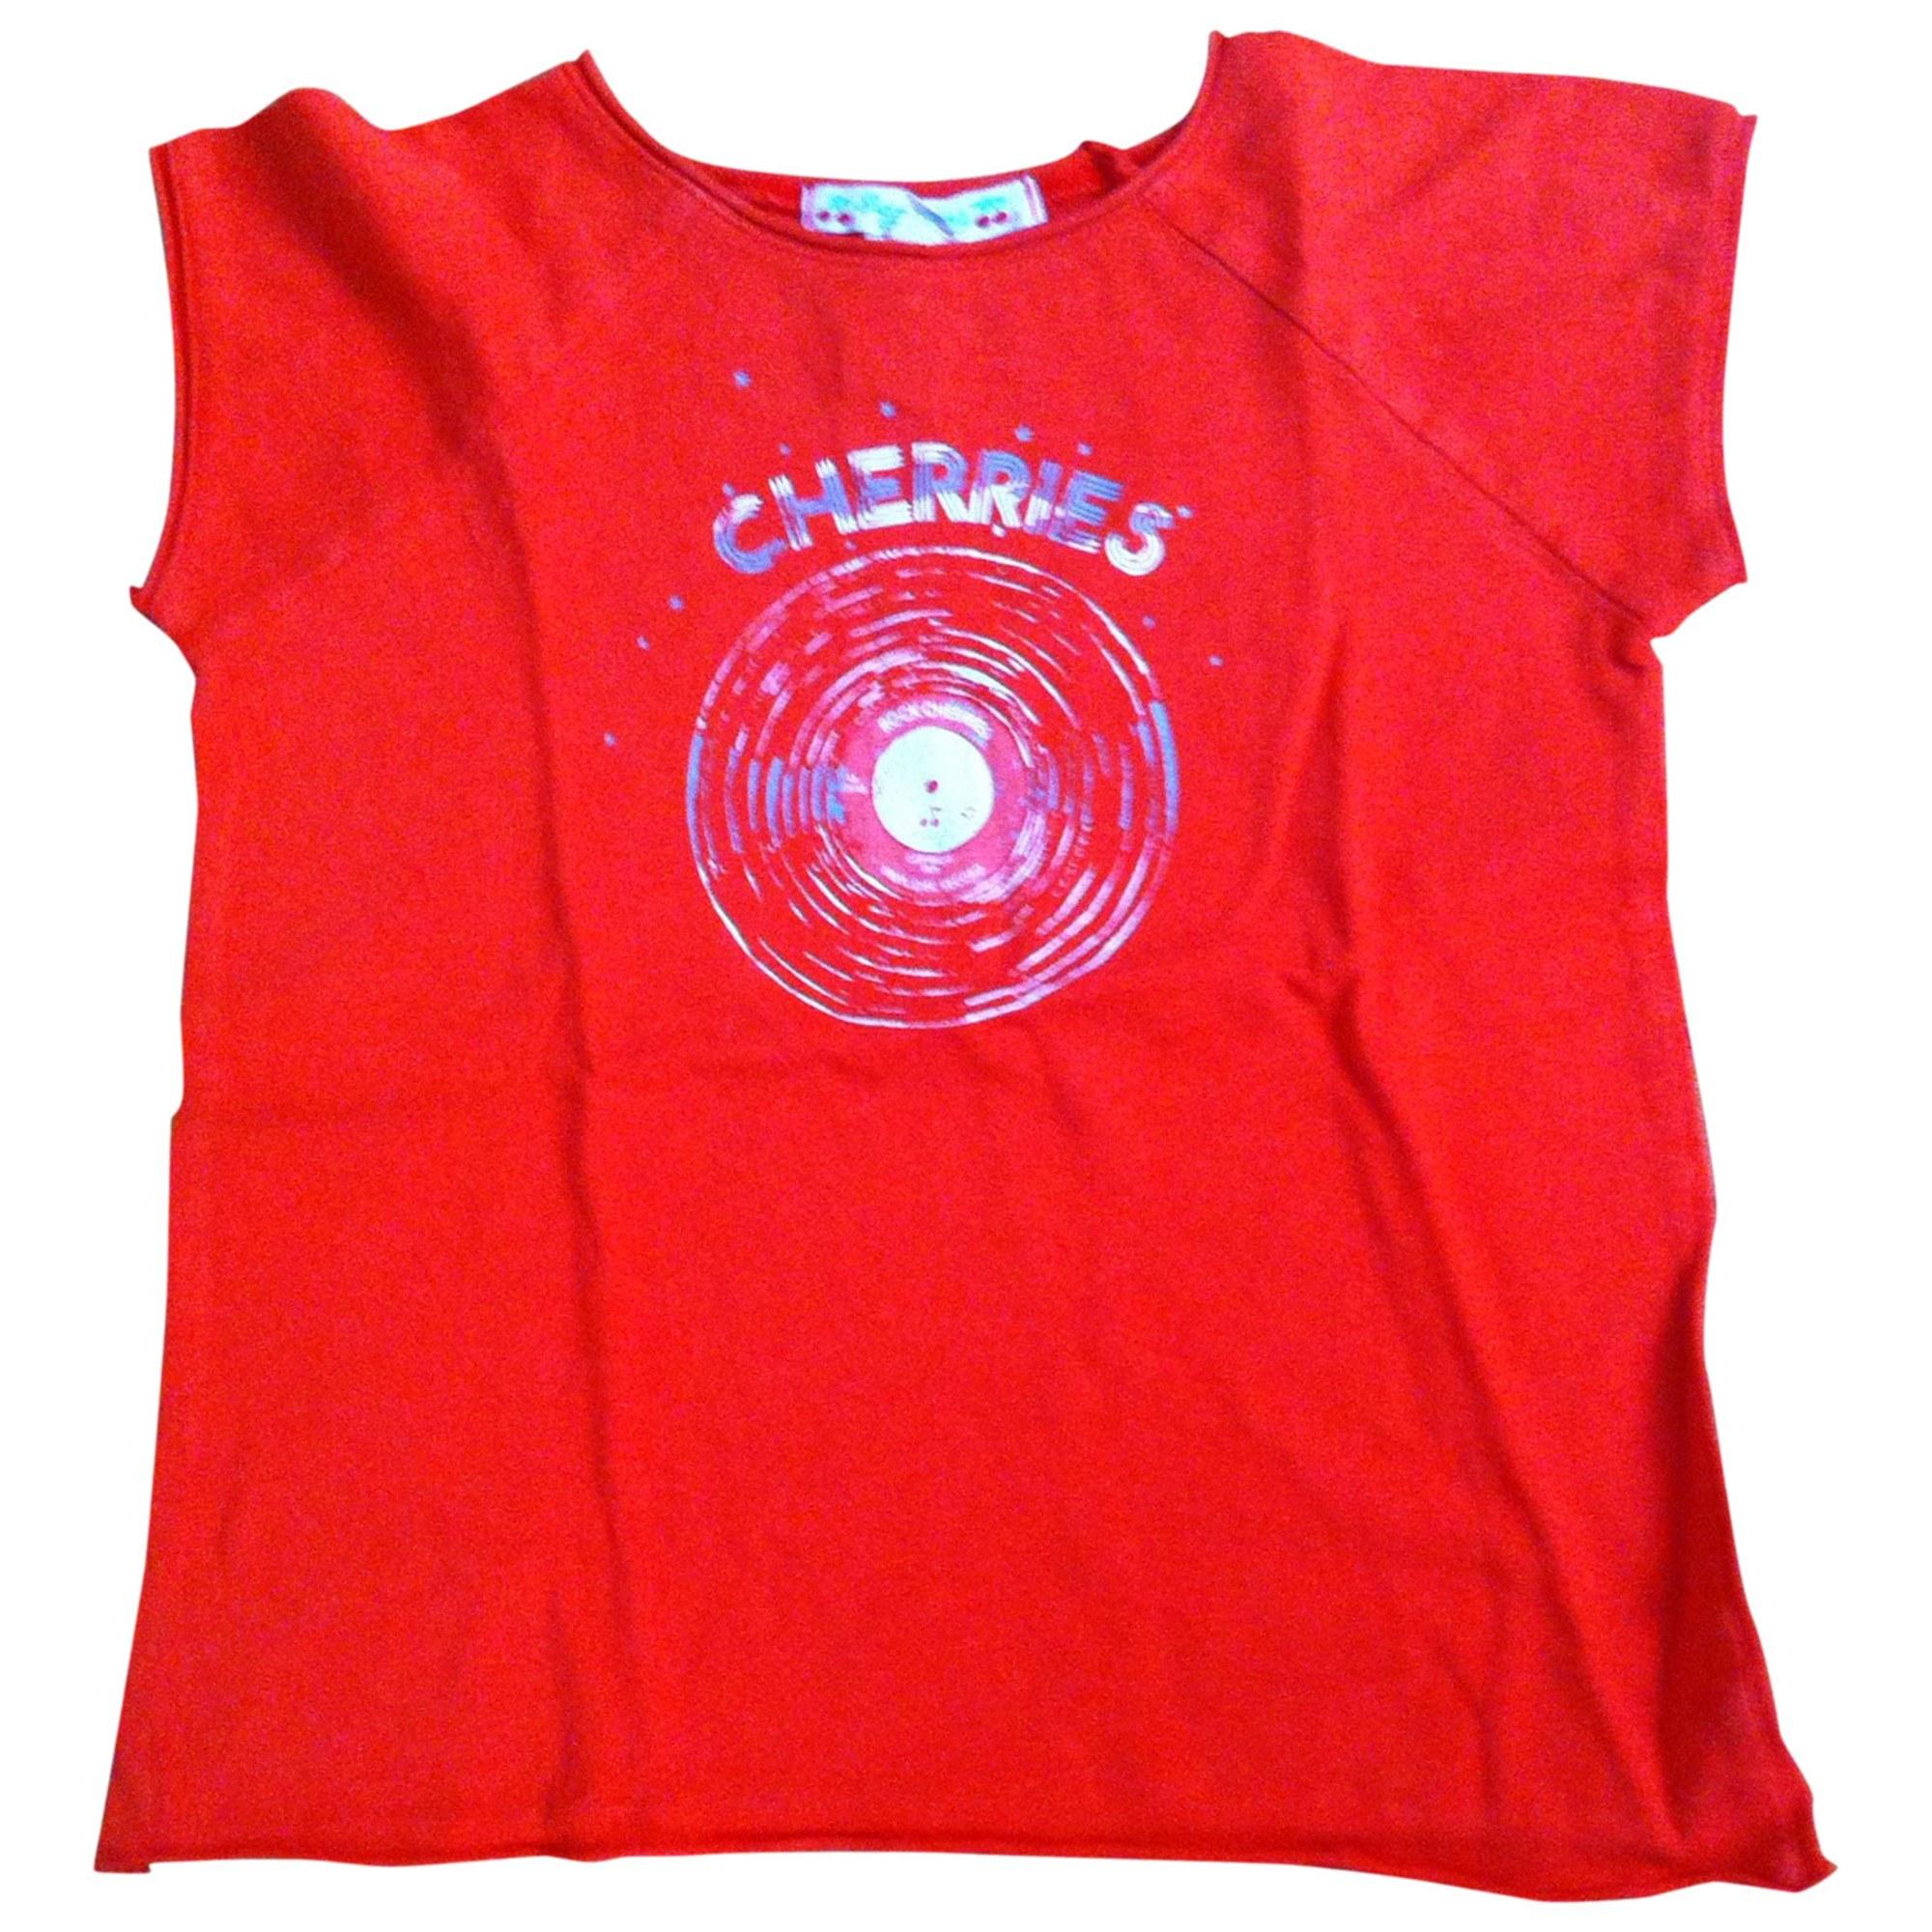 Top, Tee-shirt BONPOINT Rouge, bordeaux